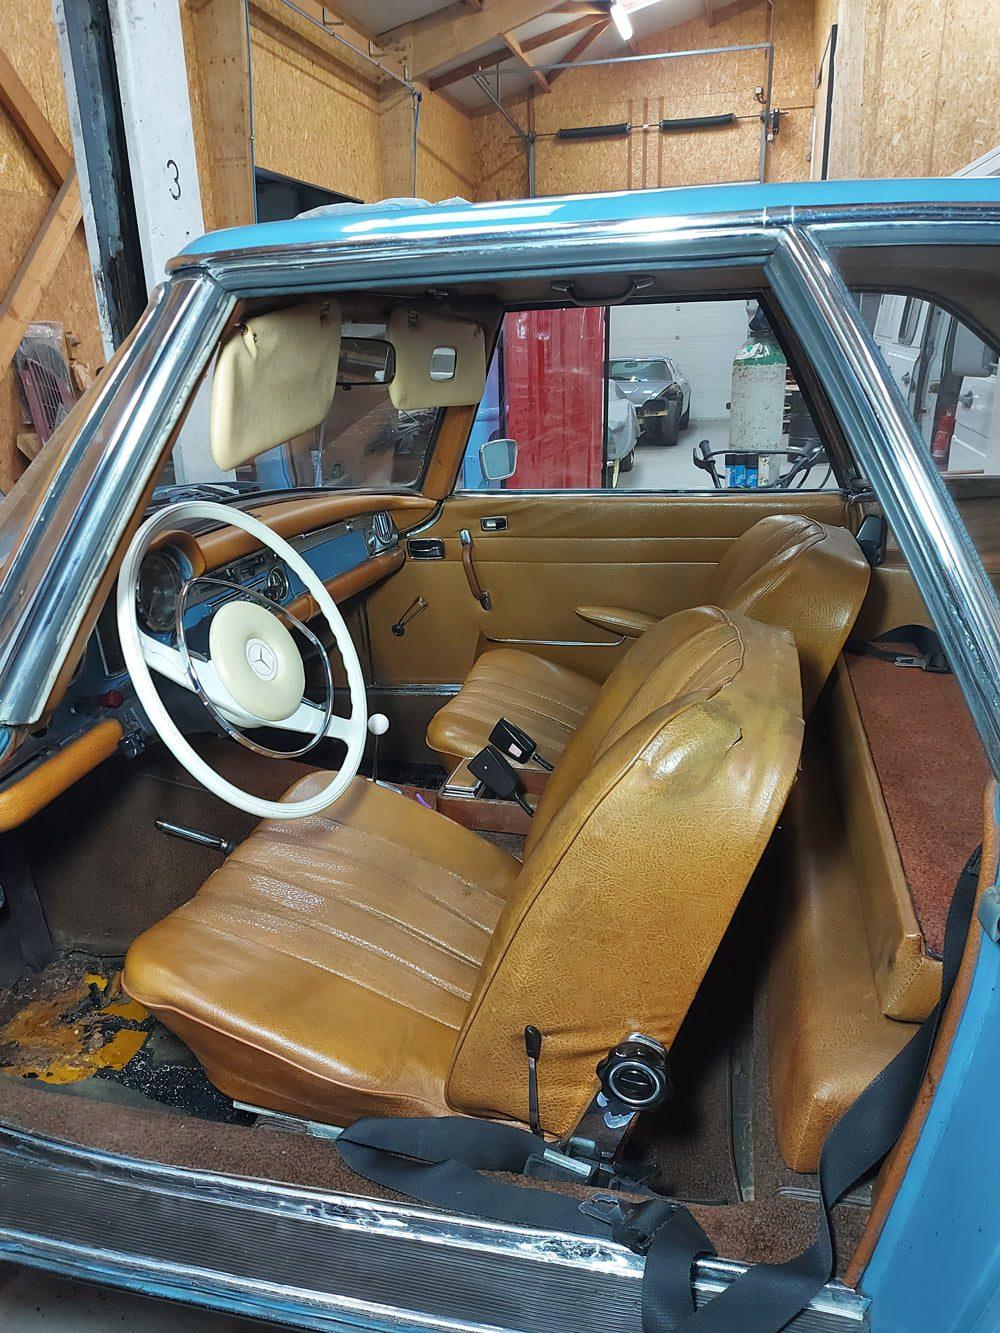 restauration mercedes benz 280 SL pagode interieur cuir